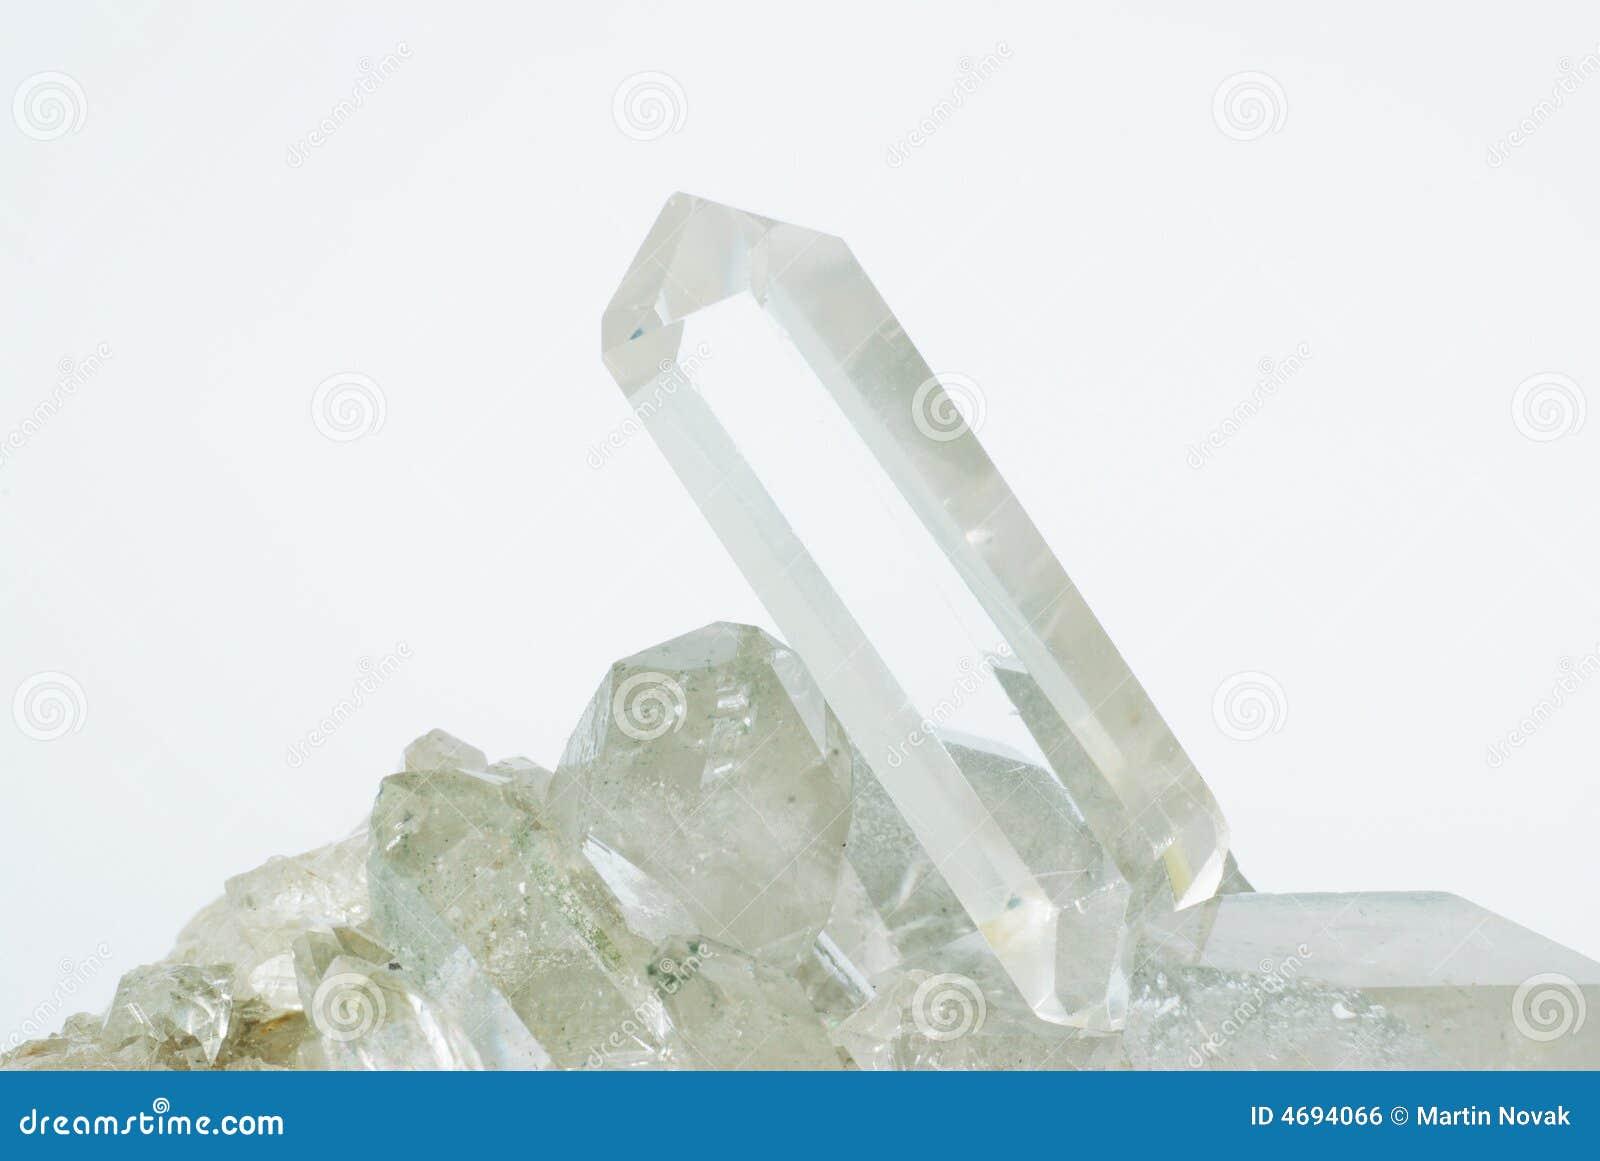 Kryształy kwarcowi